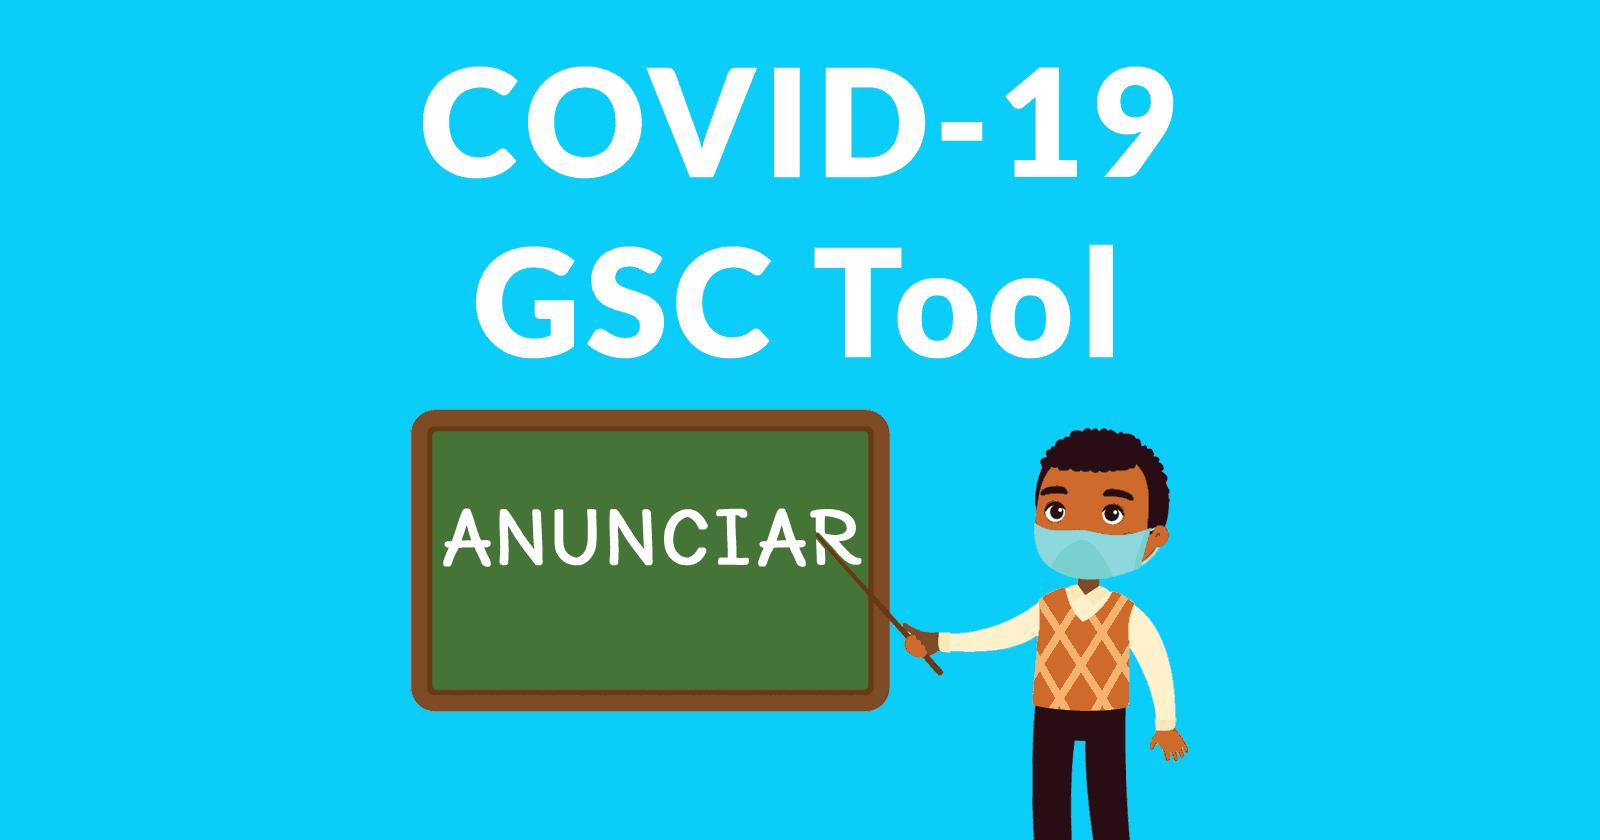 Google vừa phát hành Công cụ gửi thông báo COVID-19. Công cụ này có sẵn trong Google Search Console.